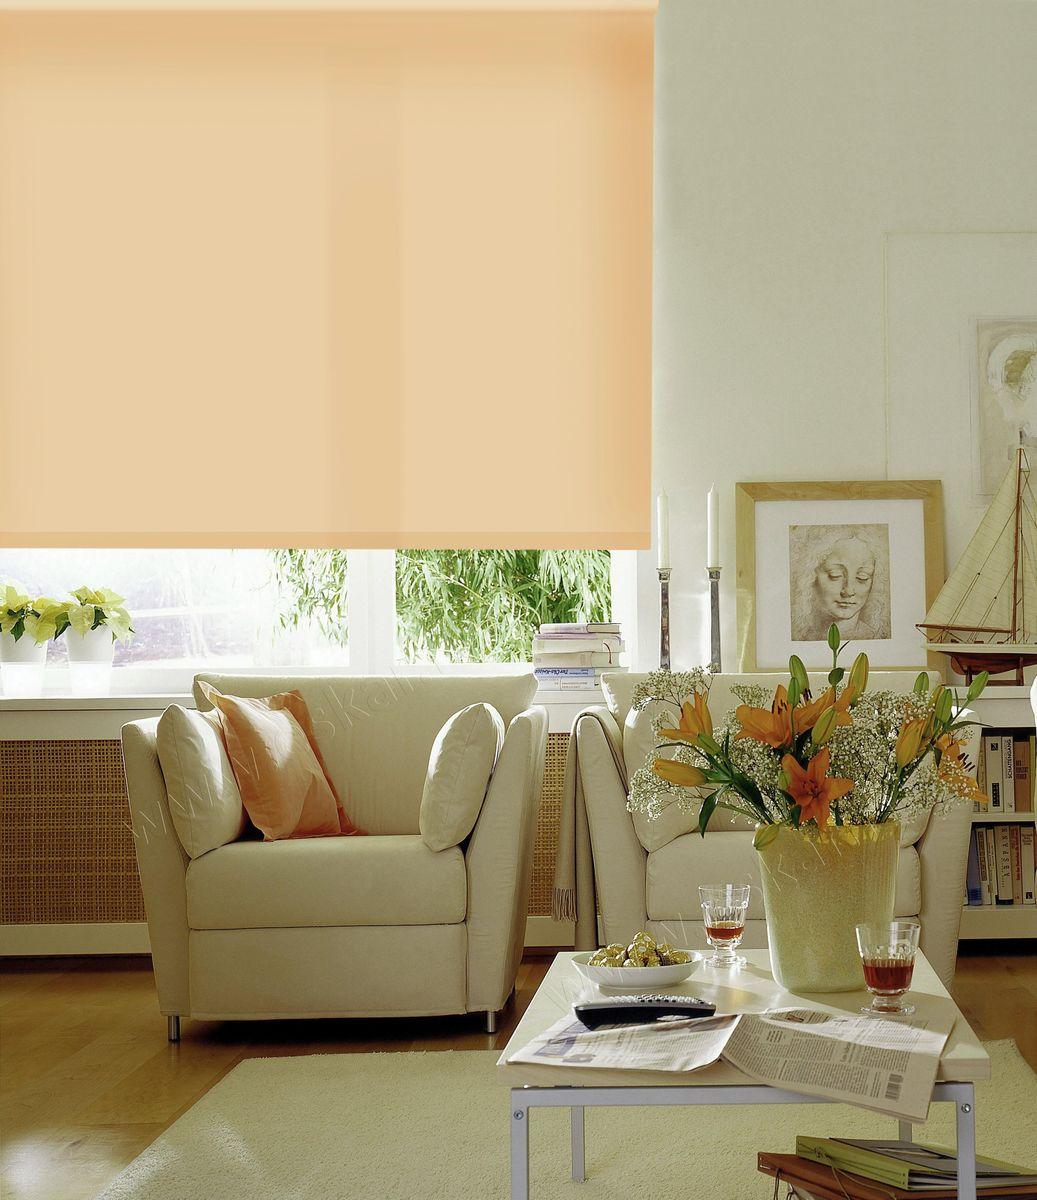 Штора рулонная Эскар, цвет: светло-абрикосовый, ширина 80 см, высота 170 см81112080170Рулонными шторами можно оформлять окна как самостоятельно, так и использовать в комбинации с портьерами. Это поможет предотвратить выгорание дорогой ткани на солнце и соединит функционал рулонных с красотой навесных. Преимущества применения рулонных штор для пластиковых окон: - имеют прекрасный внешний вид: многообразие и фактурность материала изделия отлично смотрятся в любом интерьере; - многофункциональны: есть возможность подобрать шторы способные эффективно защитить комнату от солнца, при этом о на не будет слишком темной. - Есть возможность осуществить быстрый монтаж. ВНИМАНИЕ! Размеры ширины изделия указаны по ширине ткани! Во время эксплуатации не рекомендуется полностью разматывать рулон, чтобы не оторвать ткань от намоточного вала. В случае загрязнения поверхности ткани, чистку шторы проводят одним из способов, в зависимости от типа загрязнения: легкое поверхностное загрязнение можно удалить при помощи...